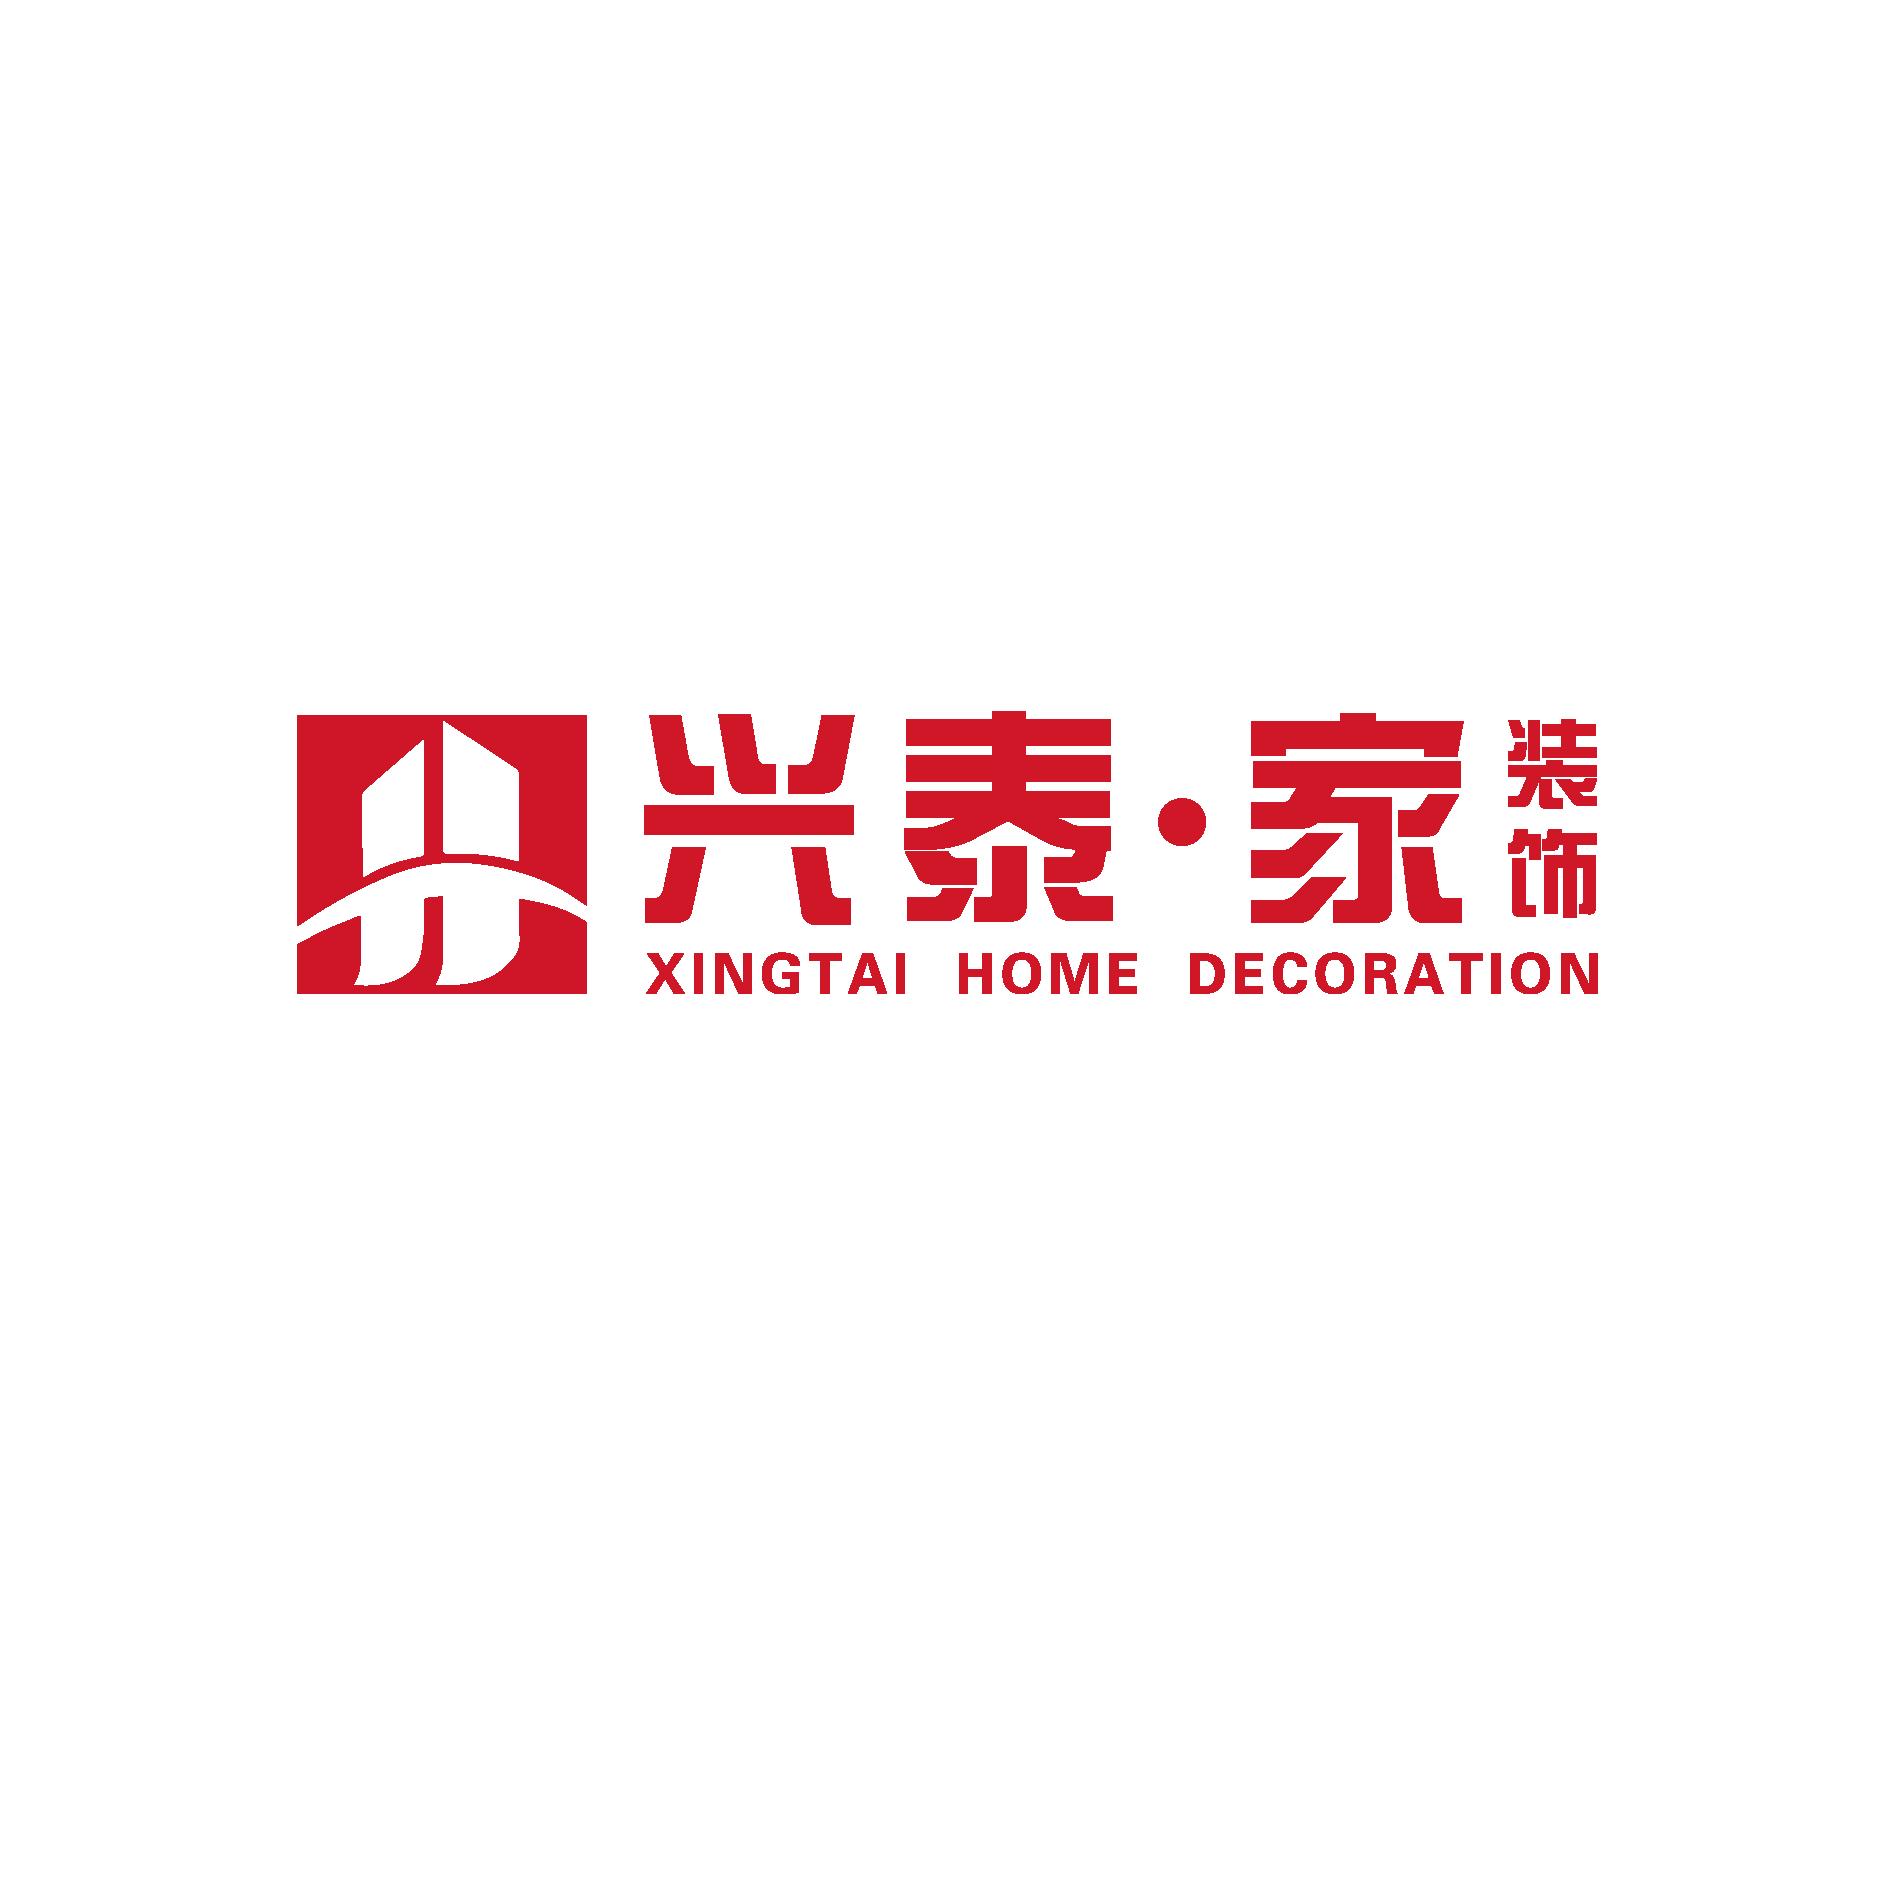 内蒙古兴泰·家装饰有限公司